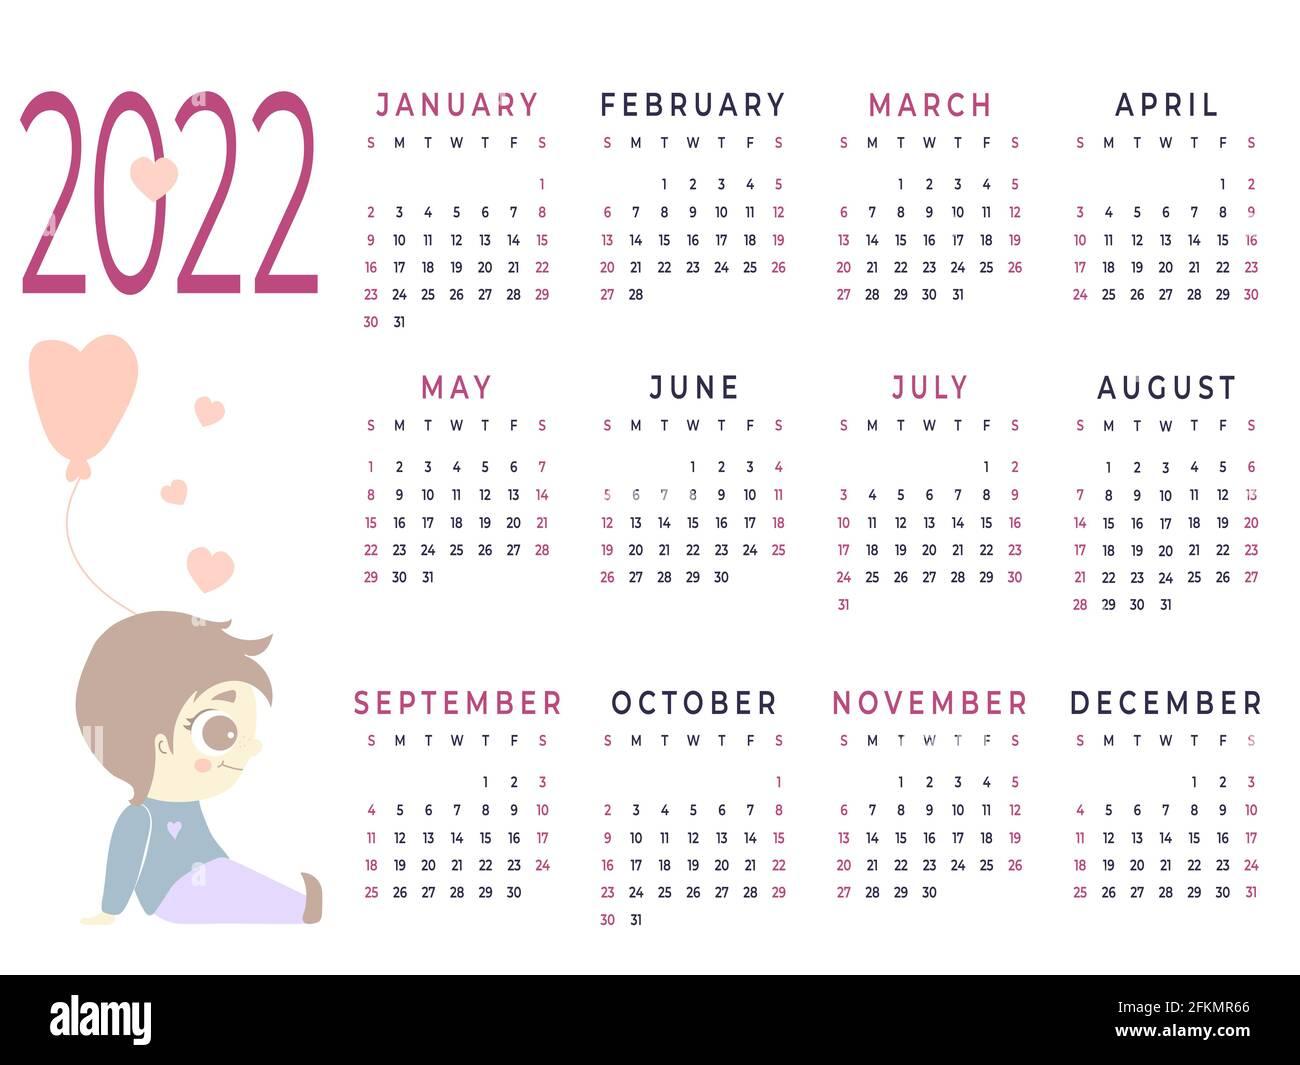 Calendrier 2022 Joli Calendrier 2022. Modèle horizontal pour une année   12 mois. Joli